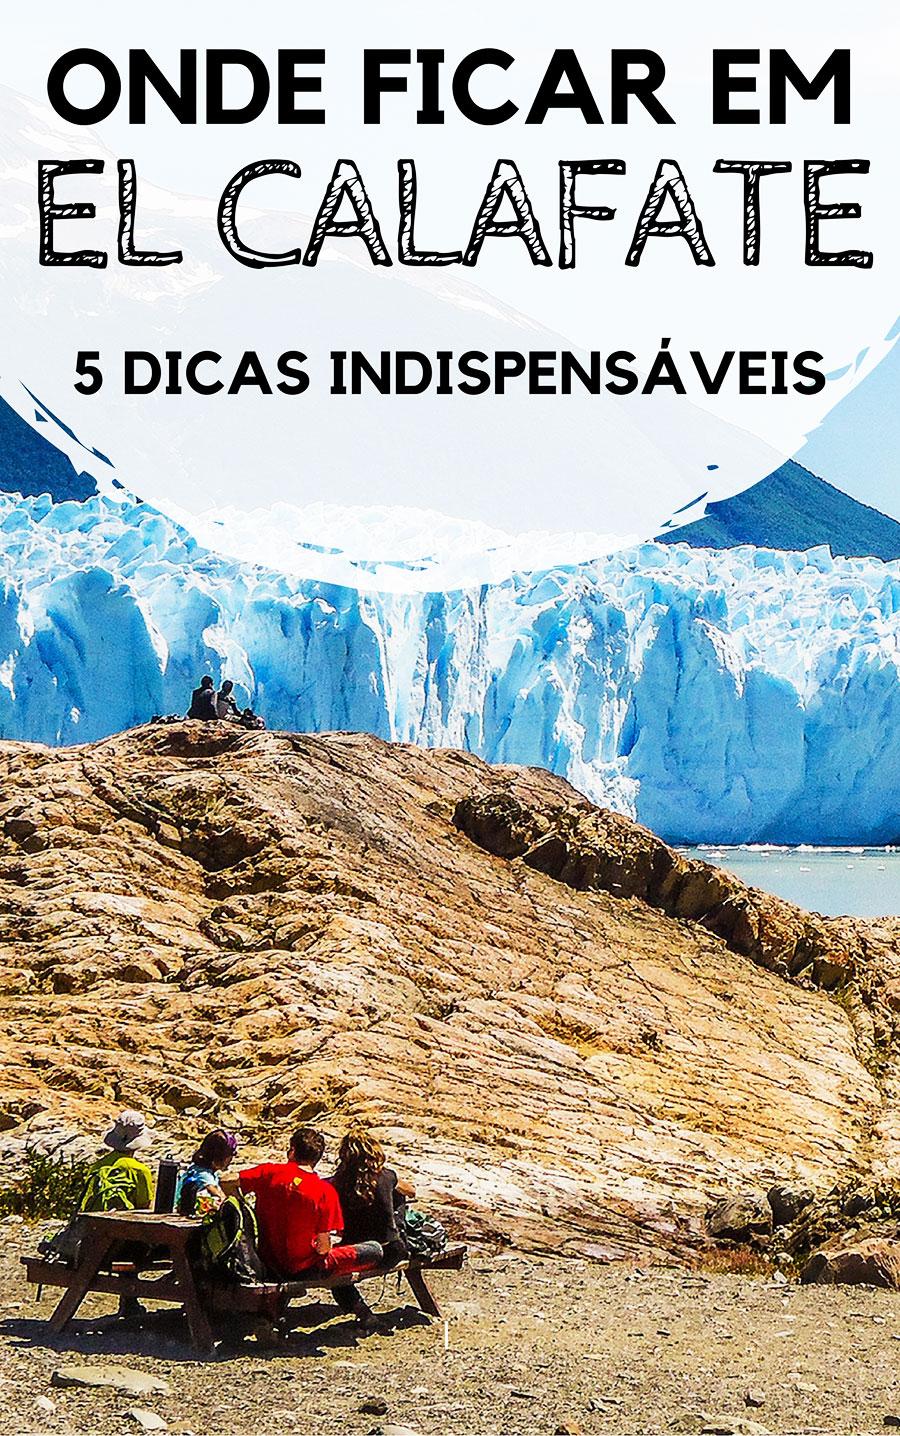 Onde ficar em El Calafate, na Patagônia argentina: 5 dicas indispensáveis para decidir onde ficar. Descubra qual a melhor região, preços, além de hostels e hotéis com excelente custo benefício para você se hospedar na cidade que é a porta de entrada para visitar o imponente Glaciar Perito Moreno, no Parque Nacional los Glaciares.